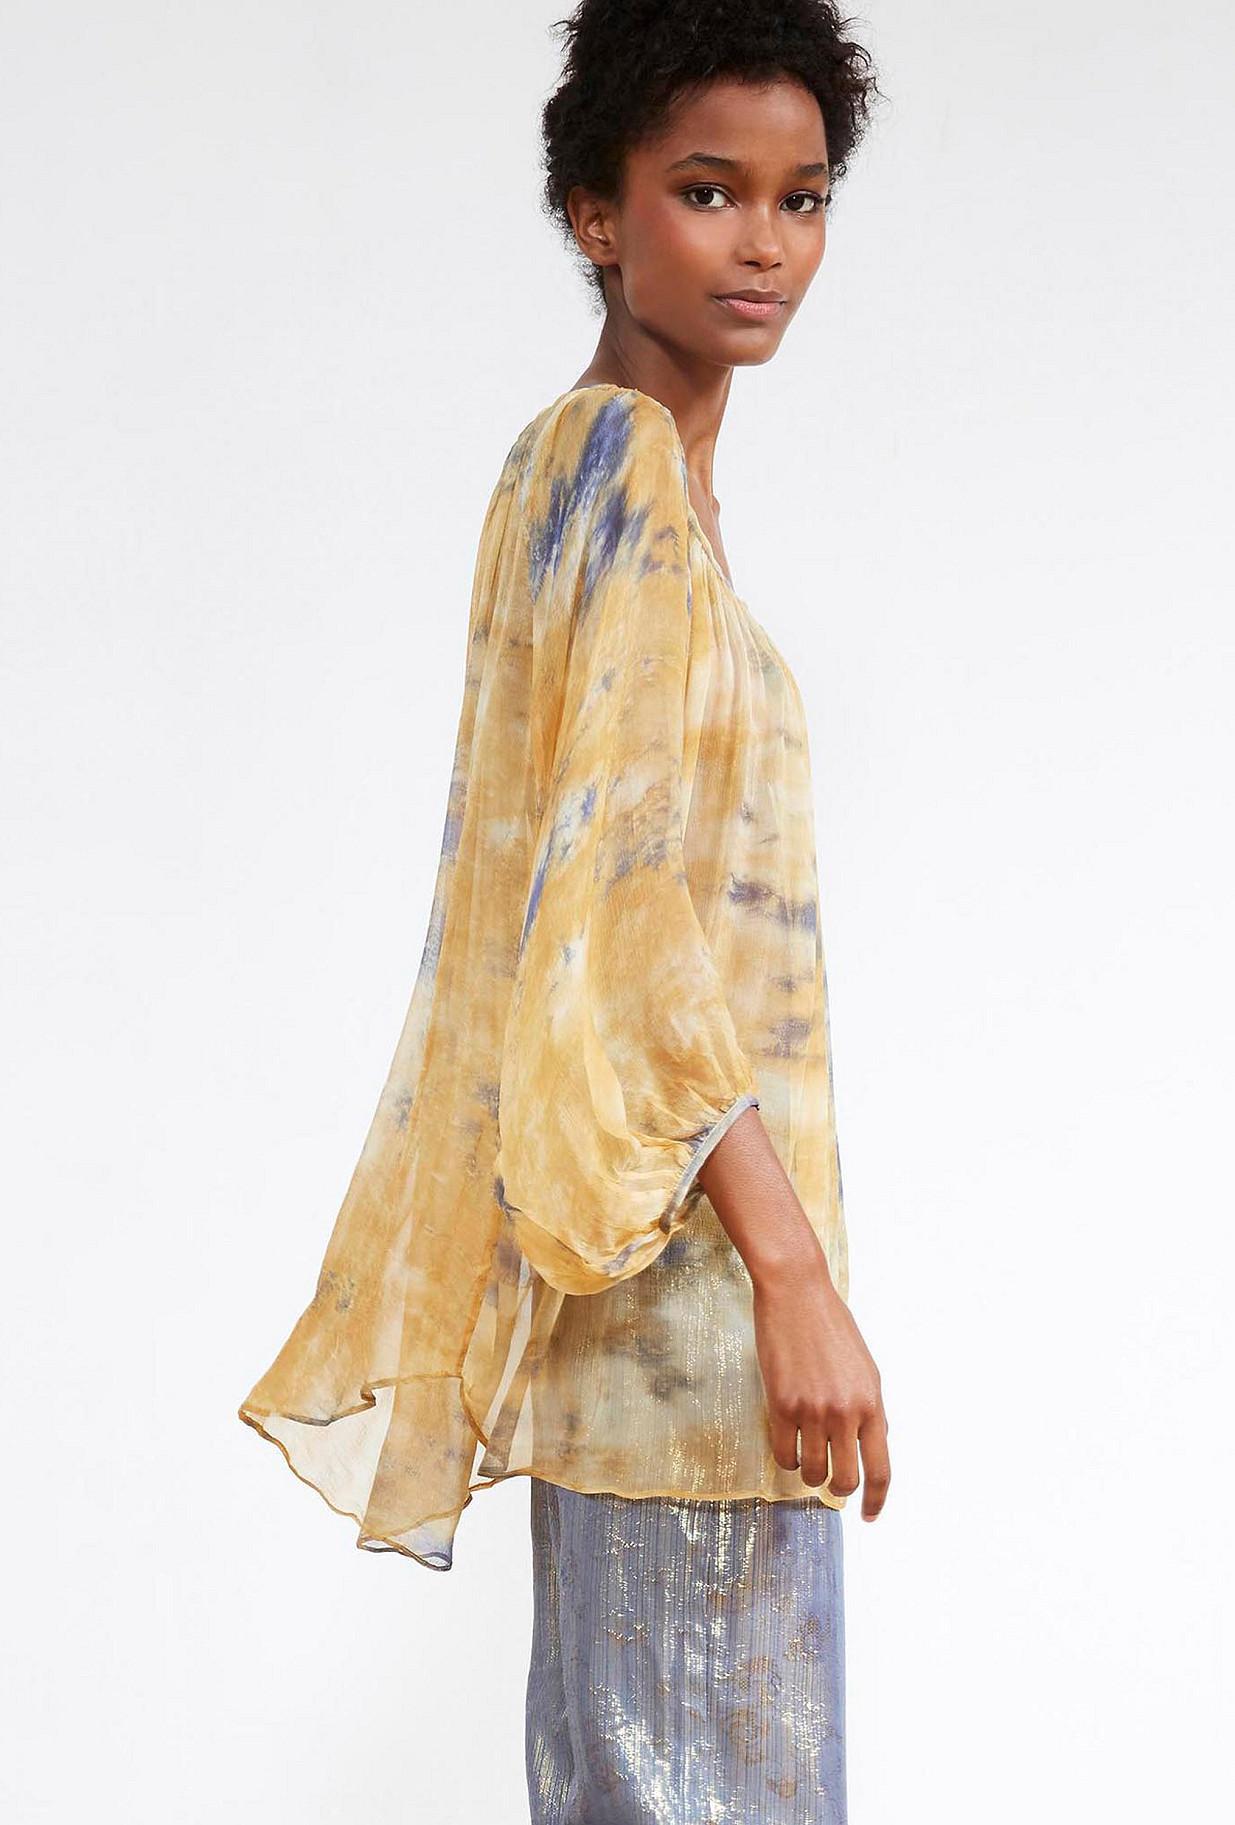 Sky blue  BLOUSE  Azur Mes demoiselles fashion clothes designer Paris